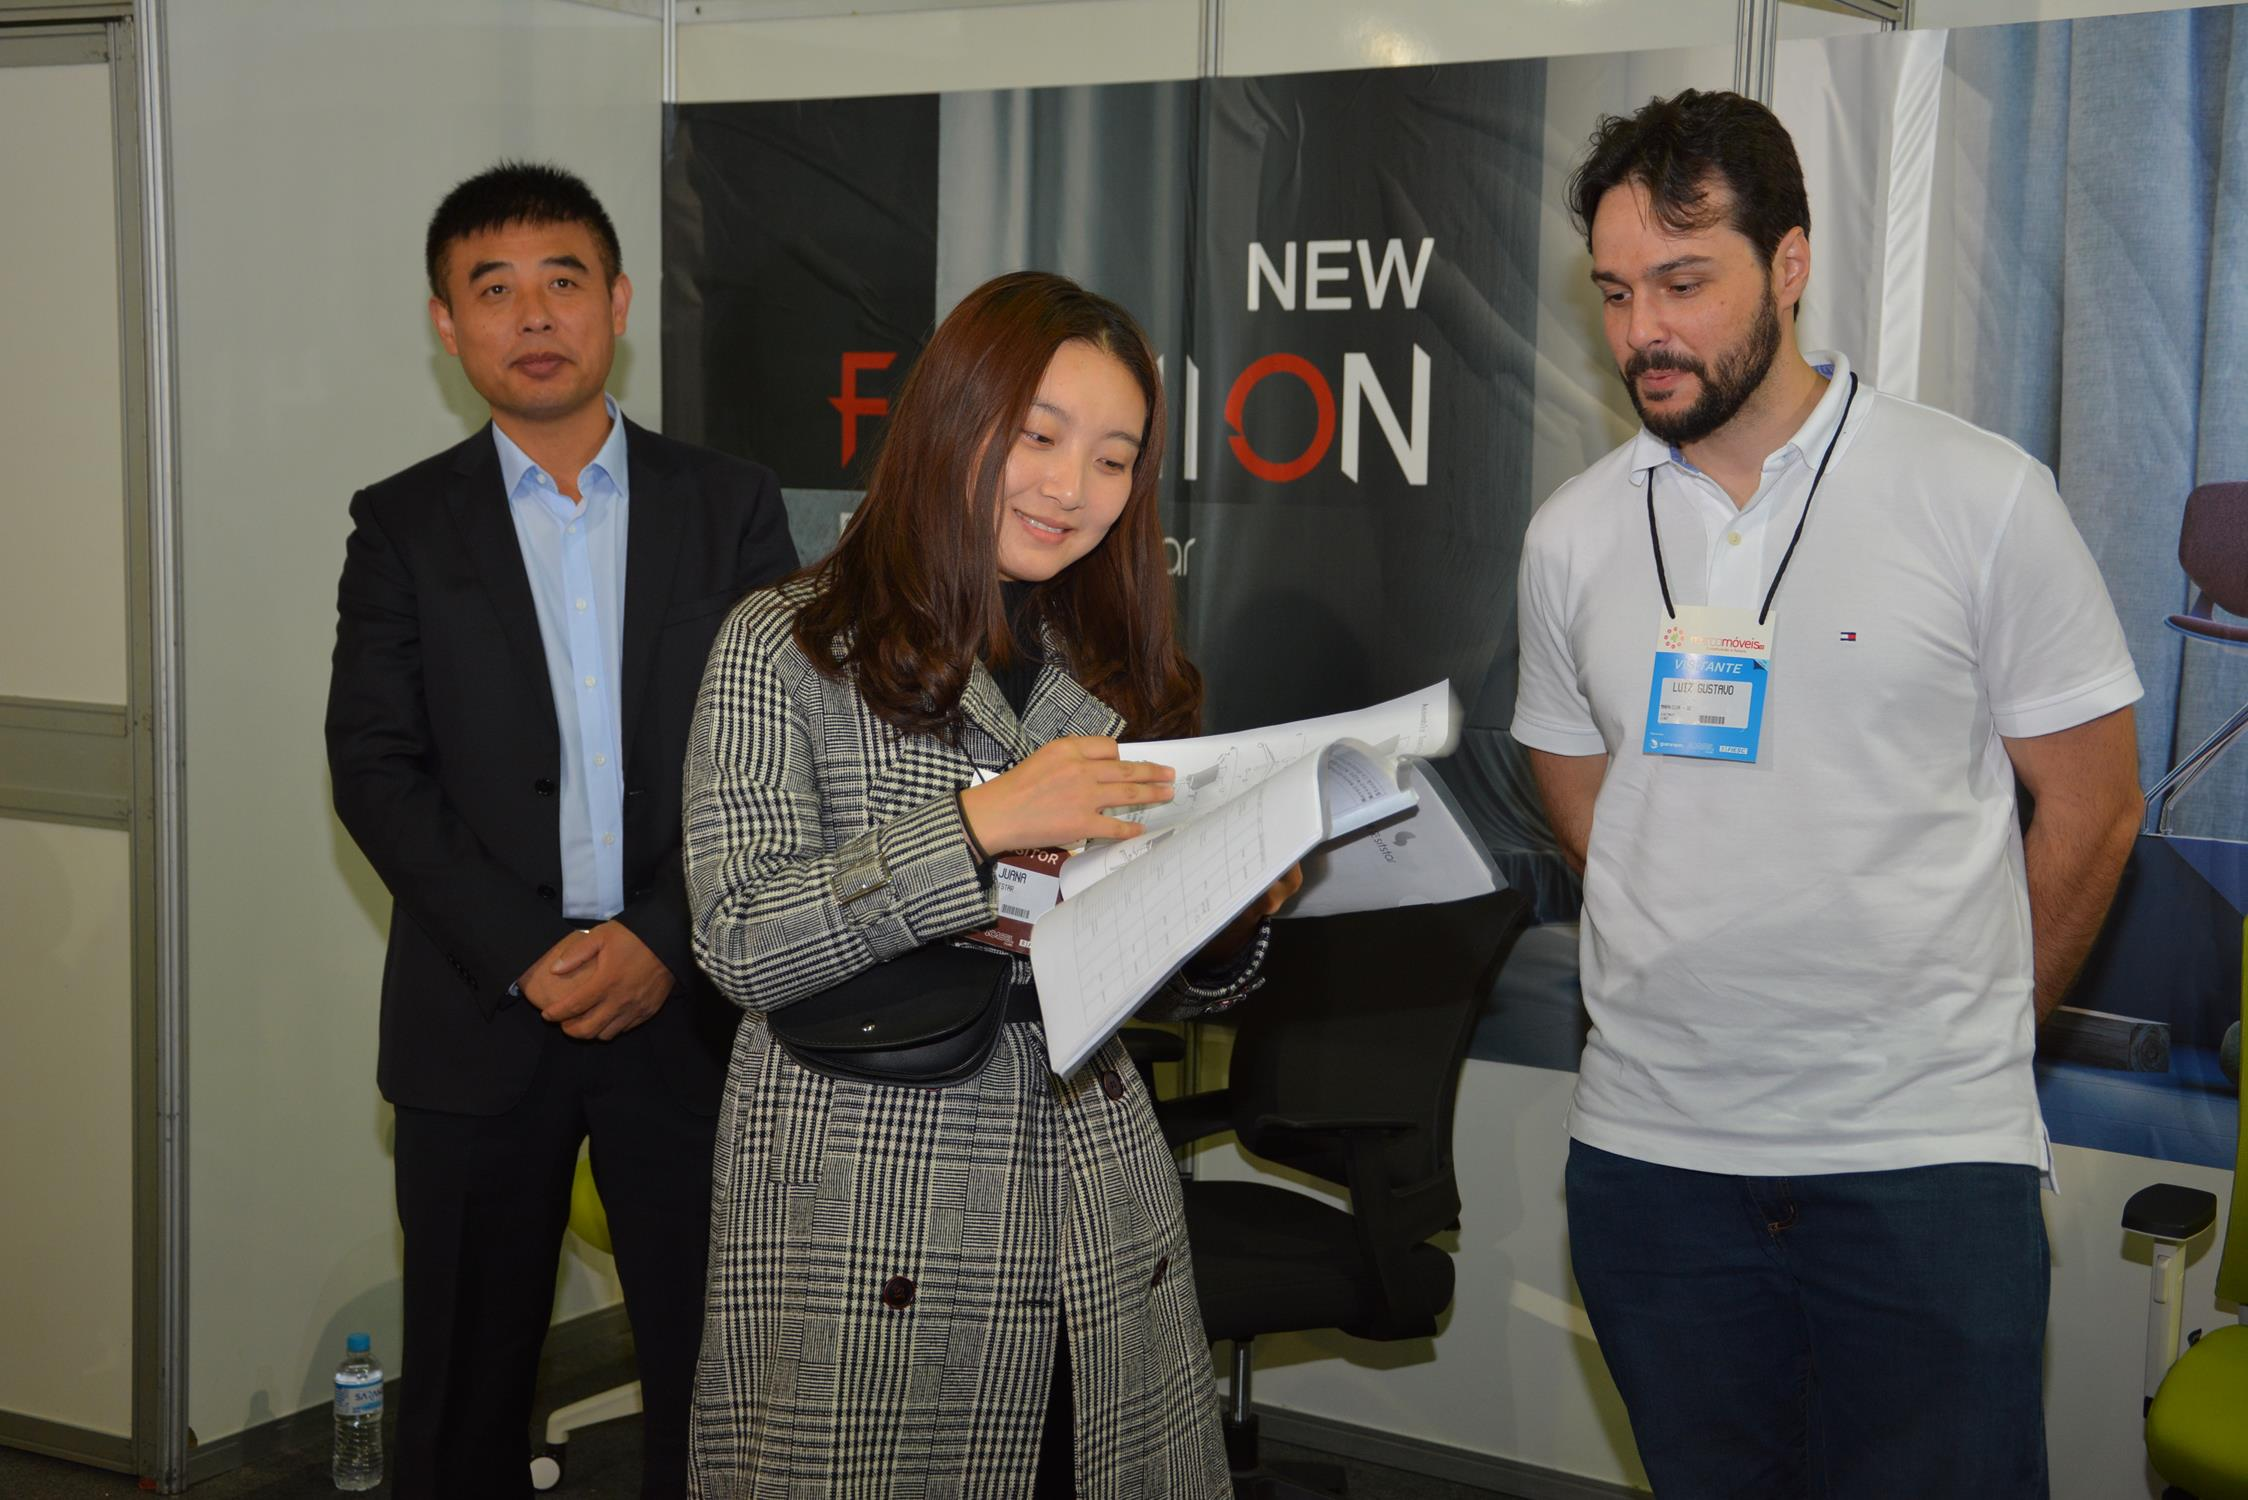 Expositores podem conhecer cartela de produtos da Kehong e Sitstar na Mercomóveis